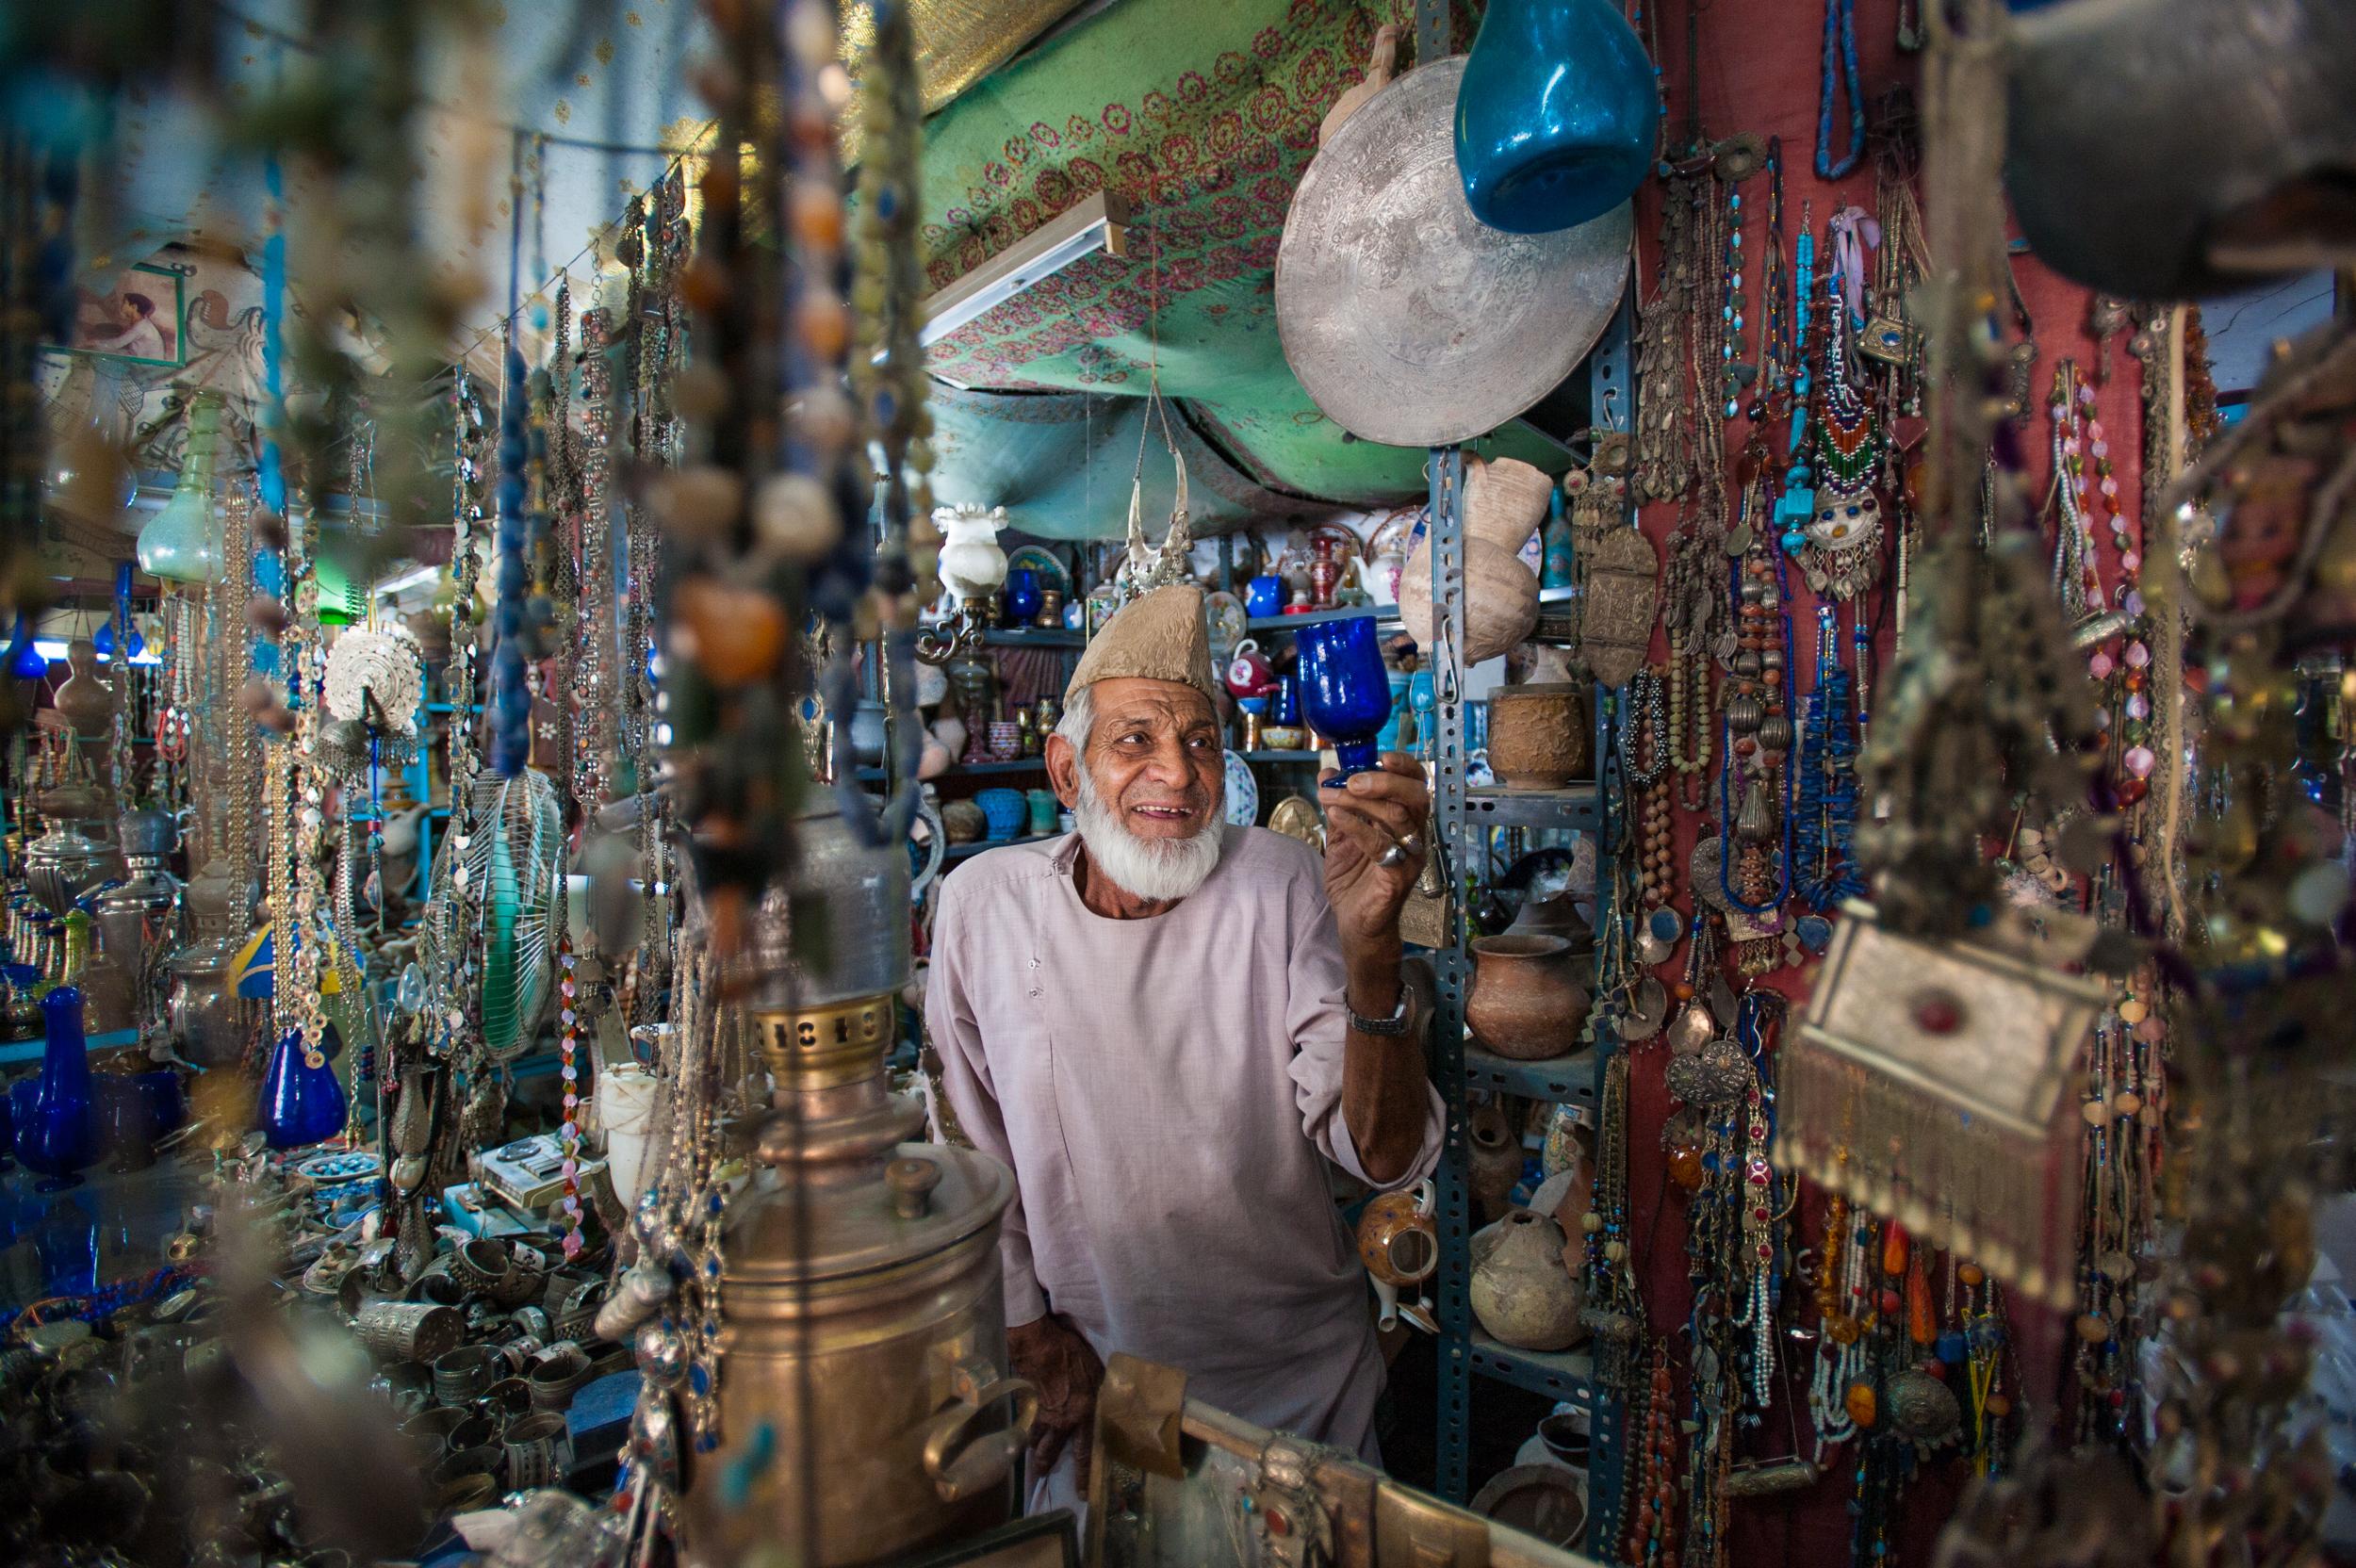 Trinket shop in Herat _DSC6479.jpg